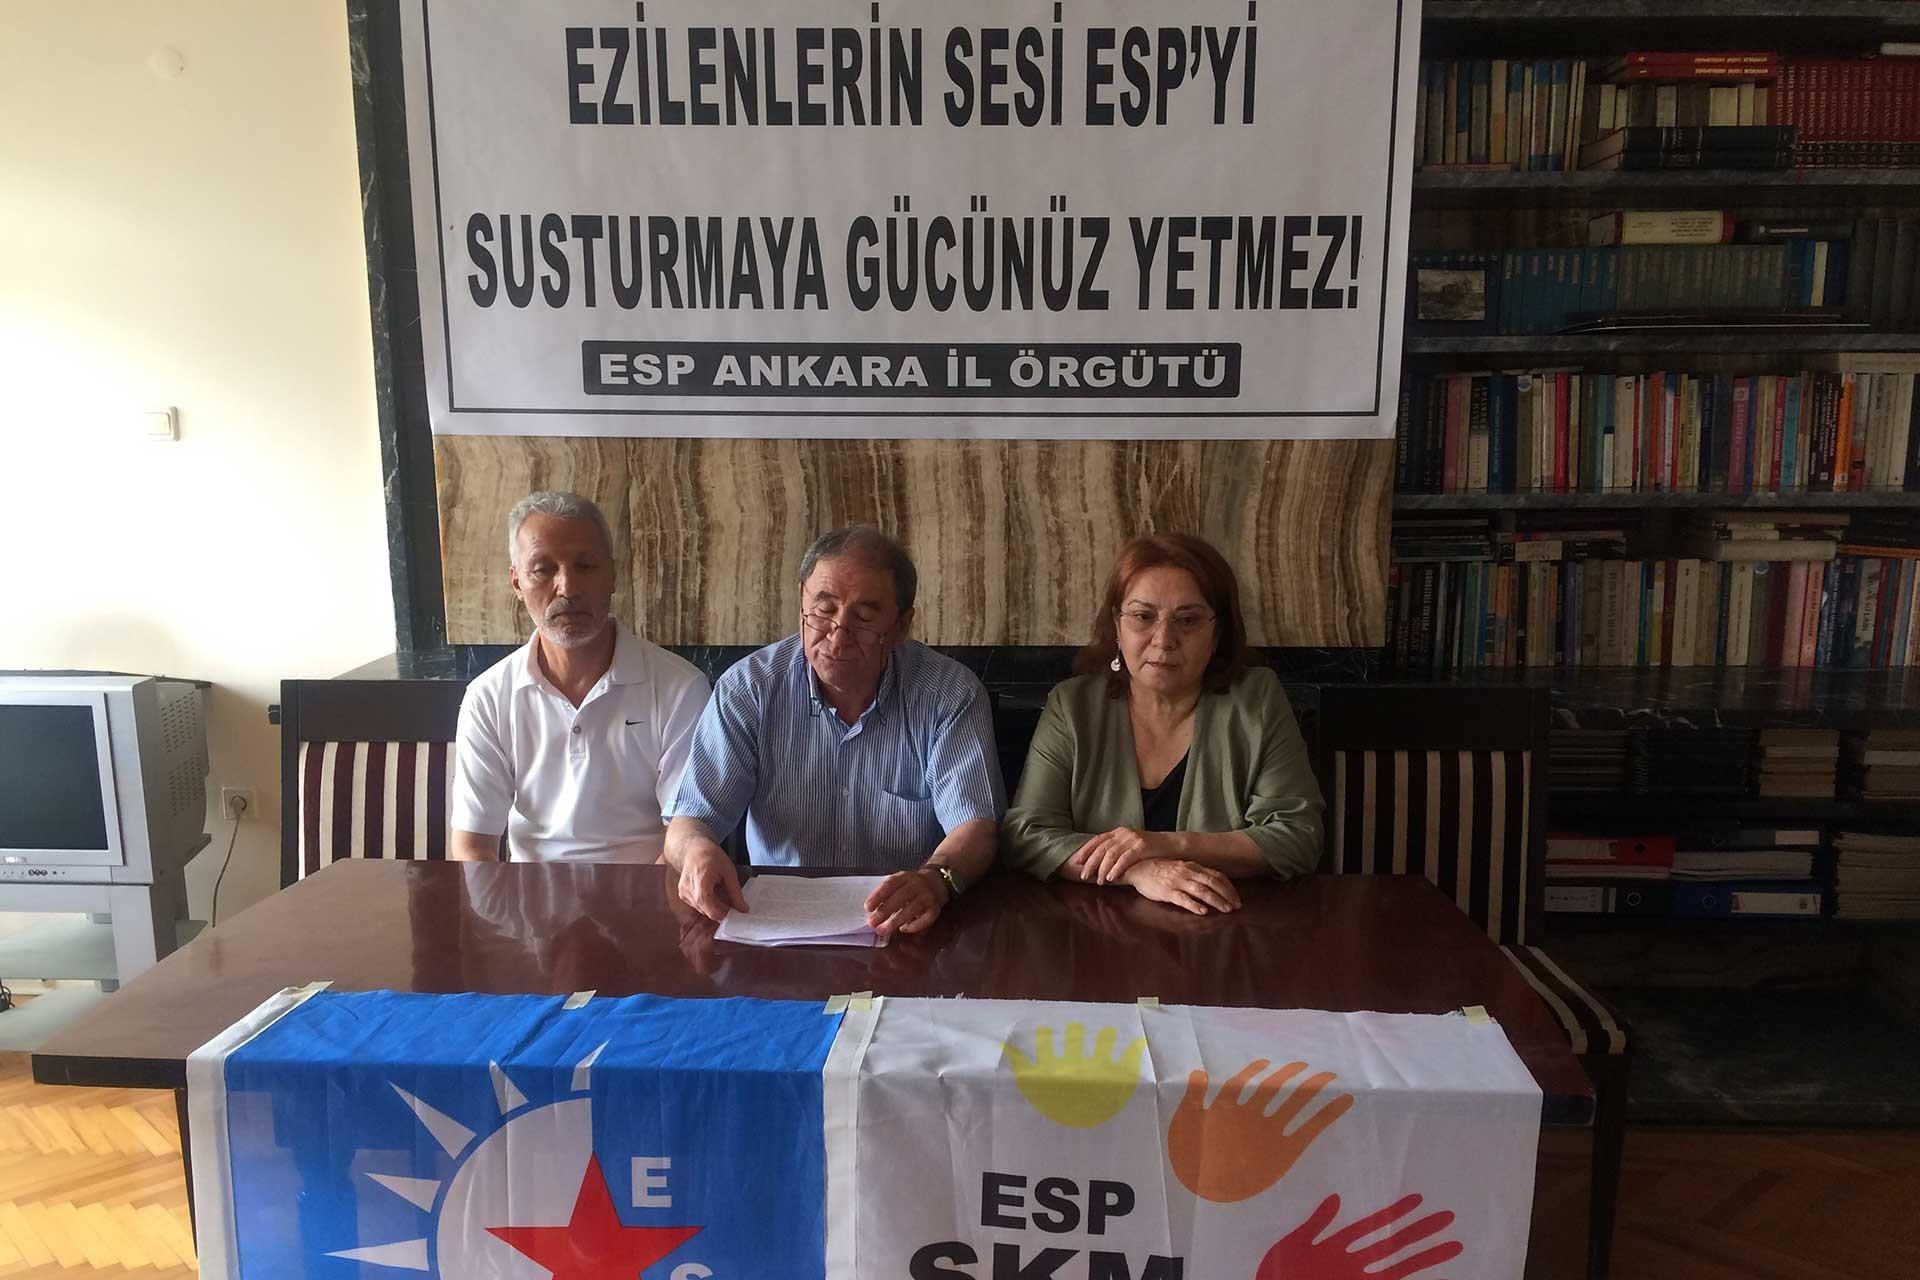 ESP: Demokrasi güçlerini gözaltındakilerle dayanışmaya çağırıyoruz